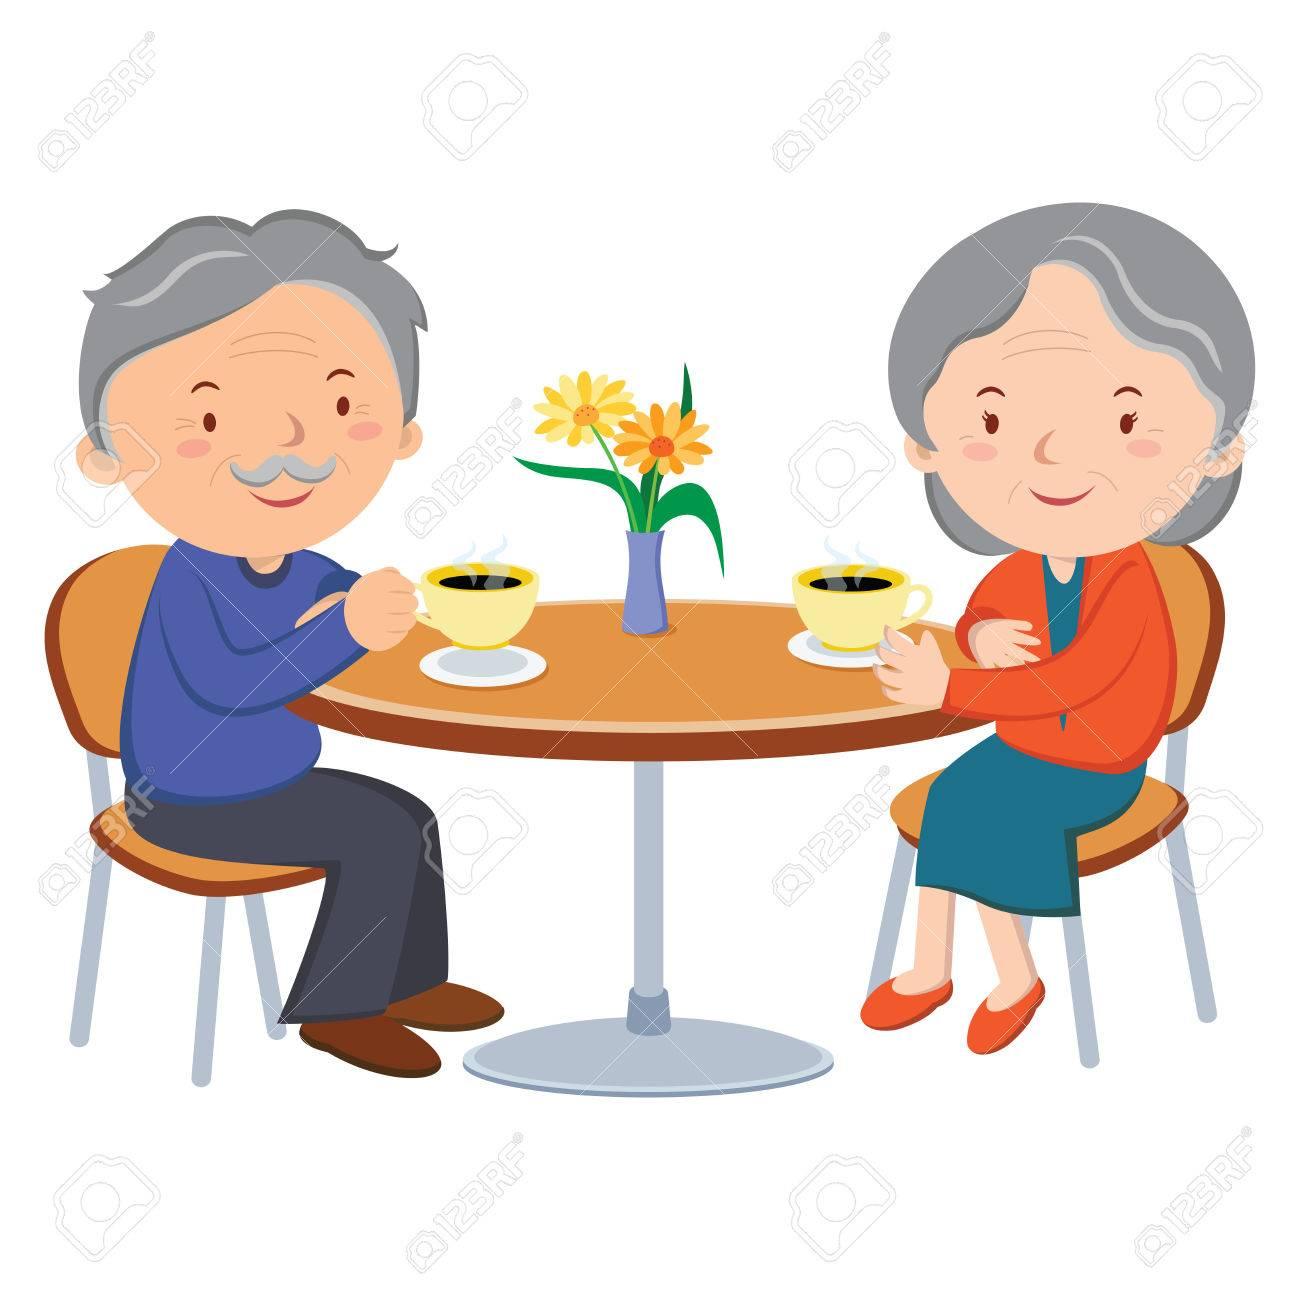 シニア カップル デートします。ベクトル イラストの陽気な古いカップル